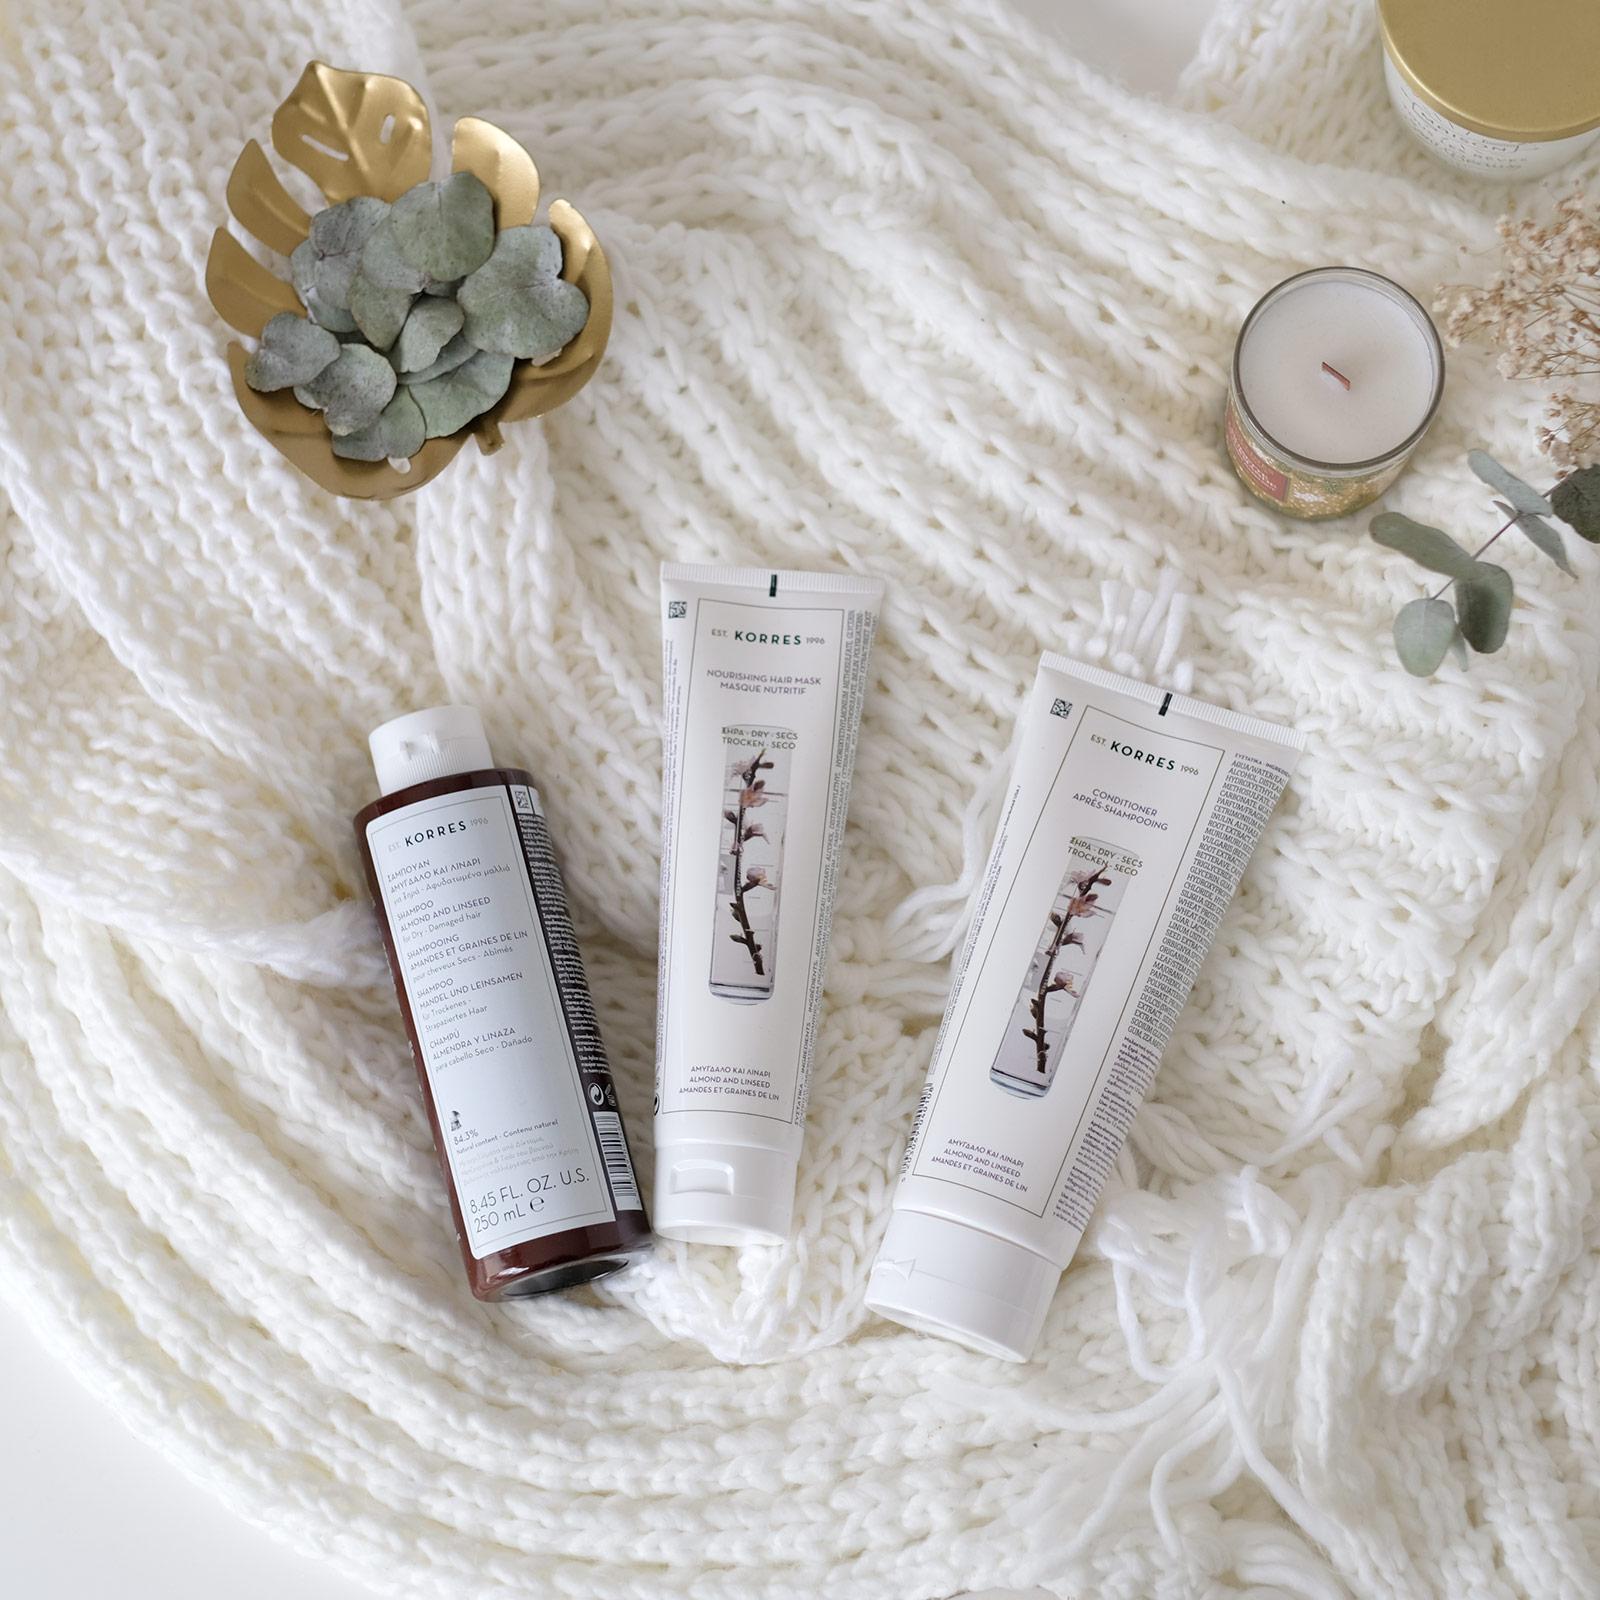 Shampoing et après-shampoing amandes et graines de lin, Korres